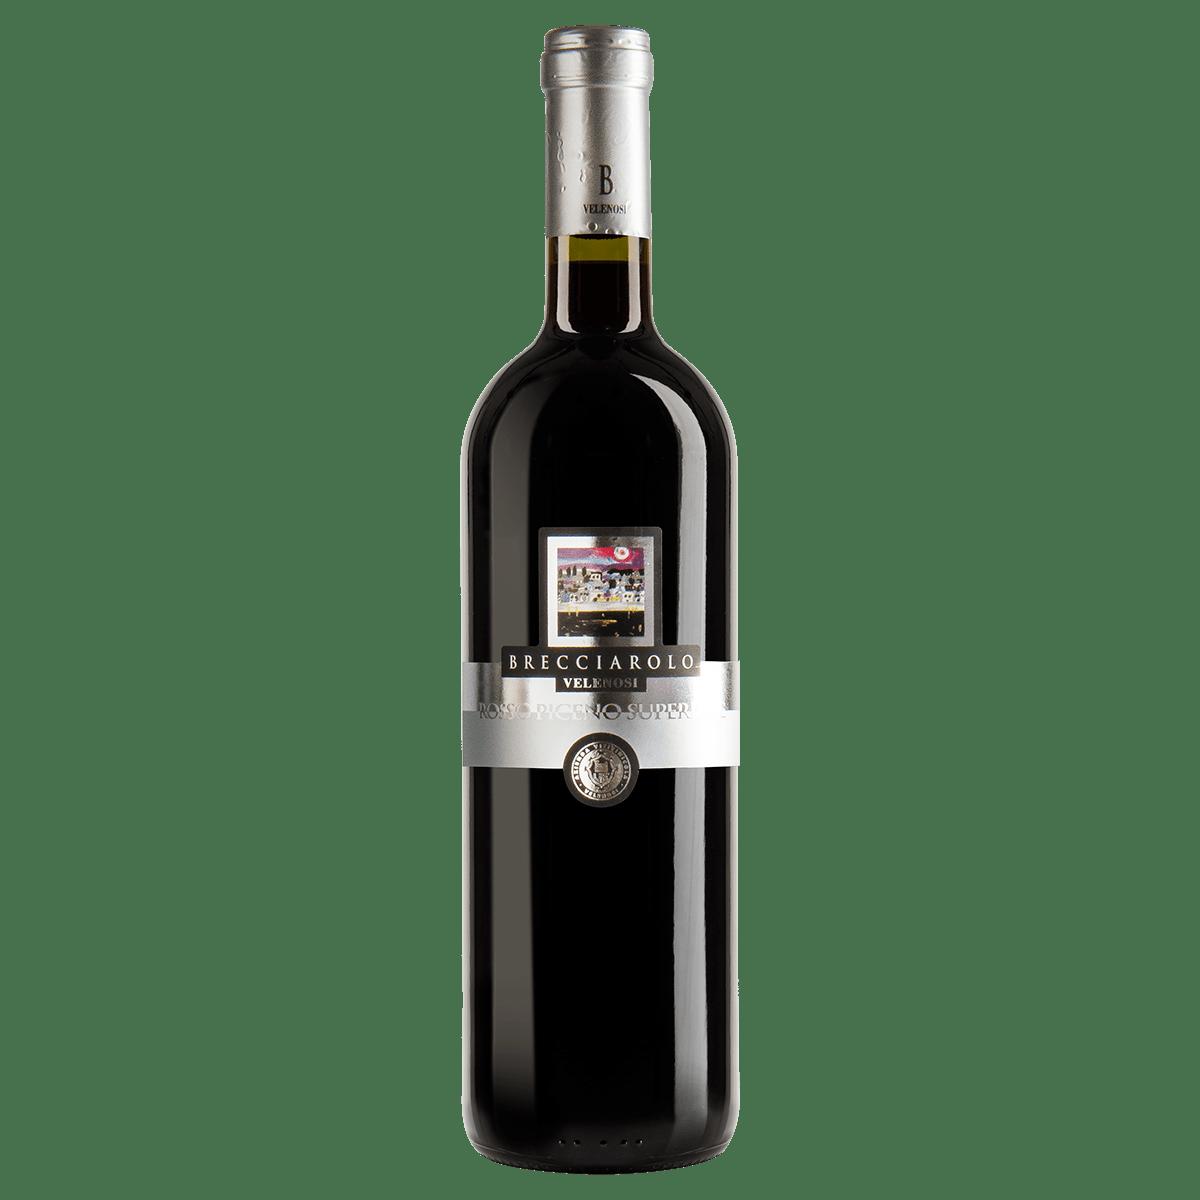 Rosso Piceno Superiore - Brecciarolo - Velenosi